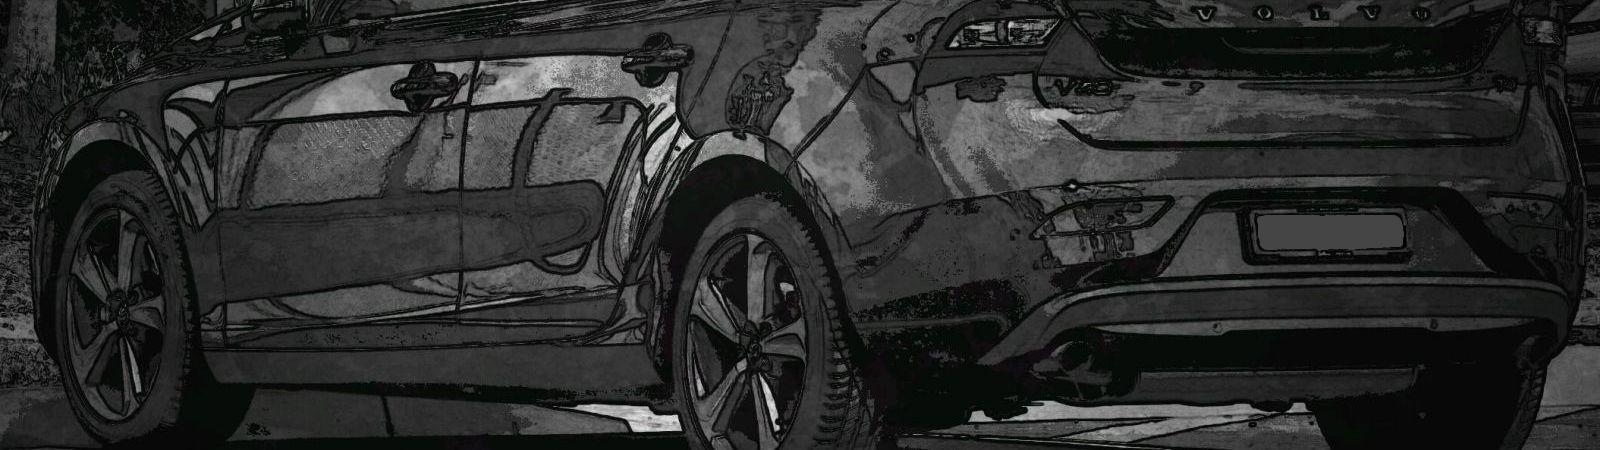 Volvo smash repairs